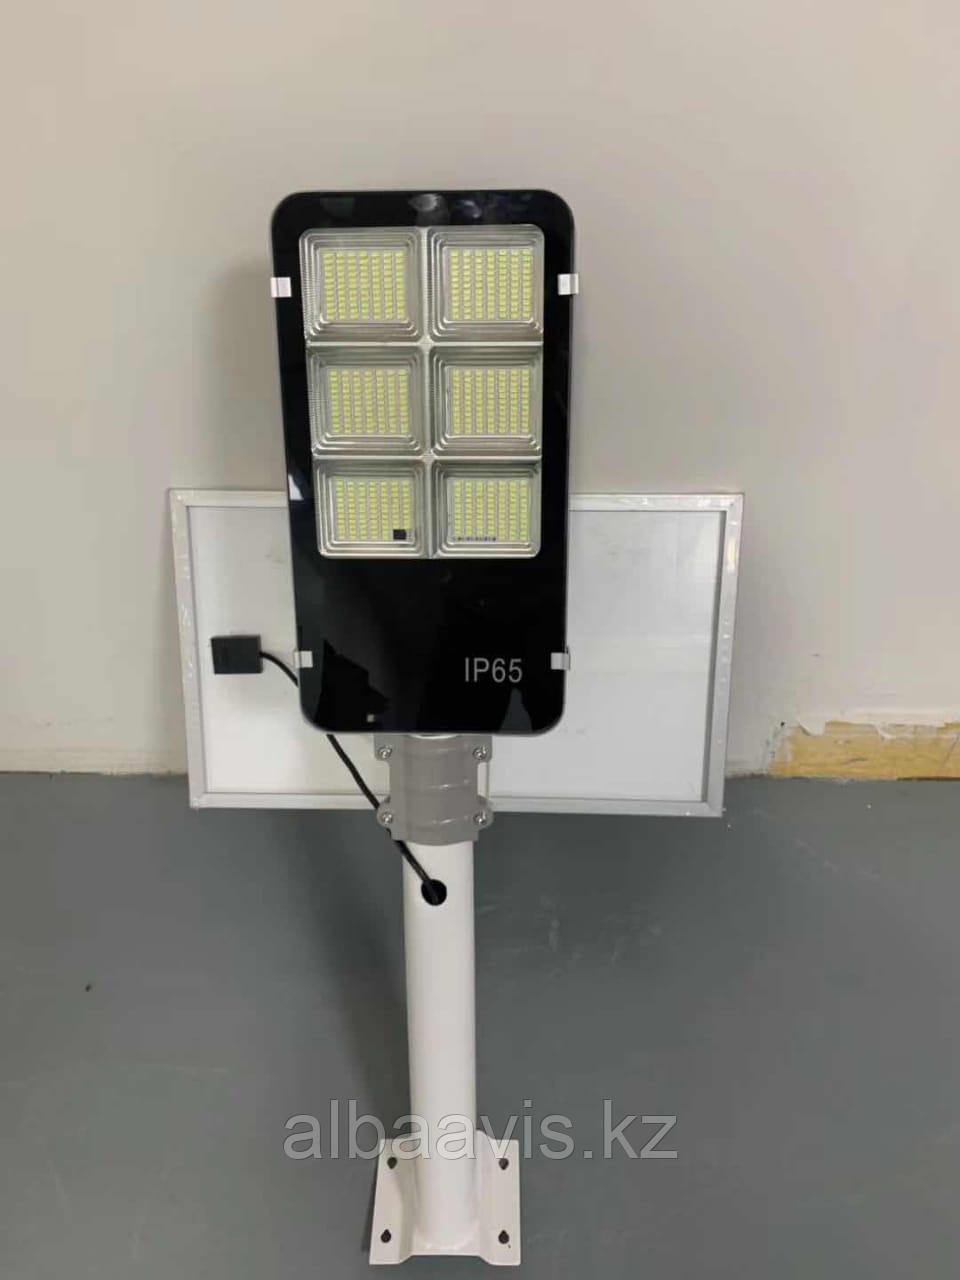 Светильник консольный уличный на солнечной батарее 300 ватт. СКУ на солнечной батарее 300 w.